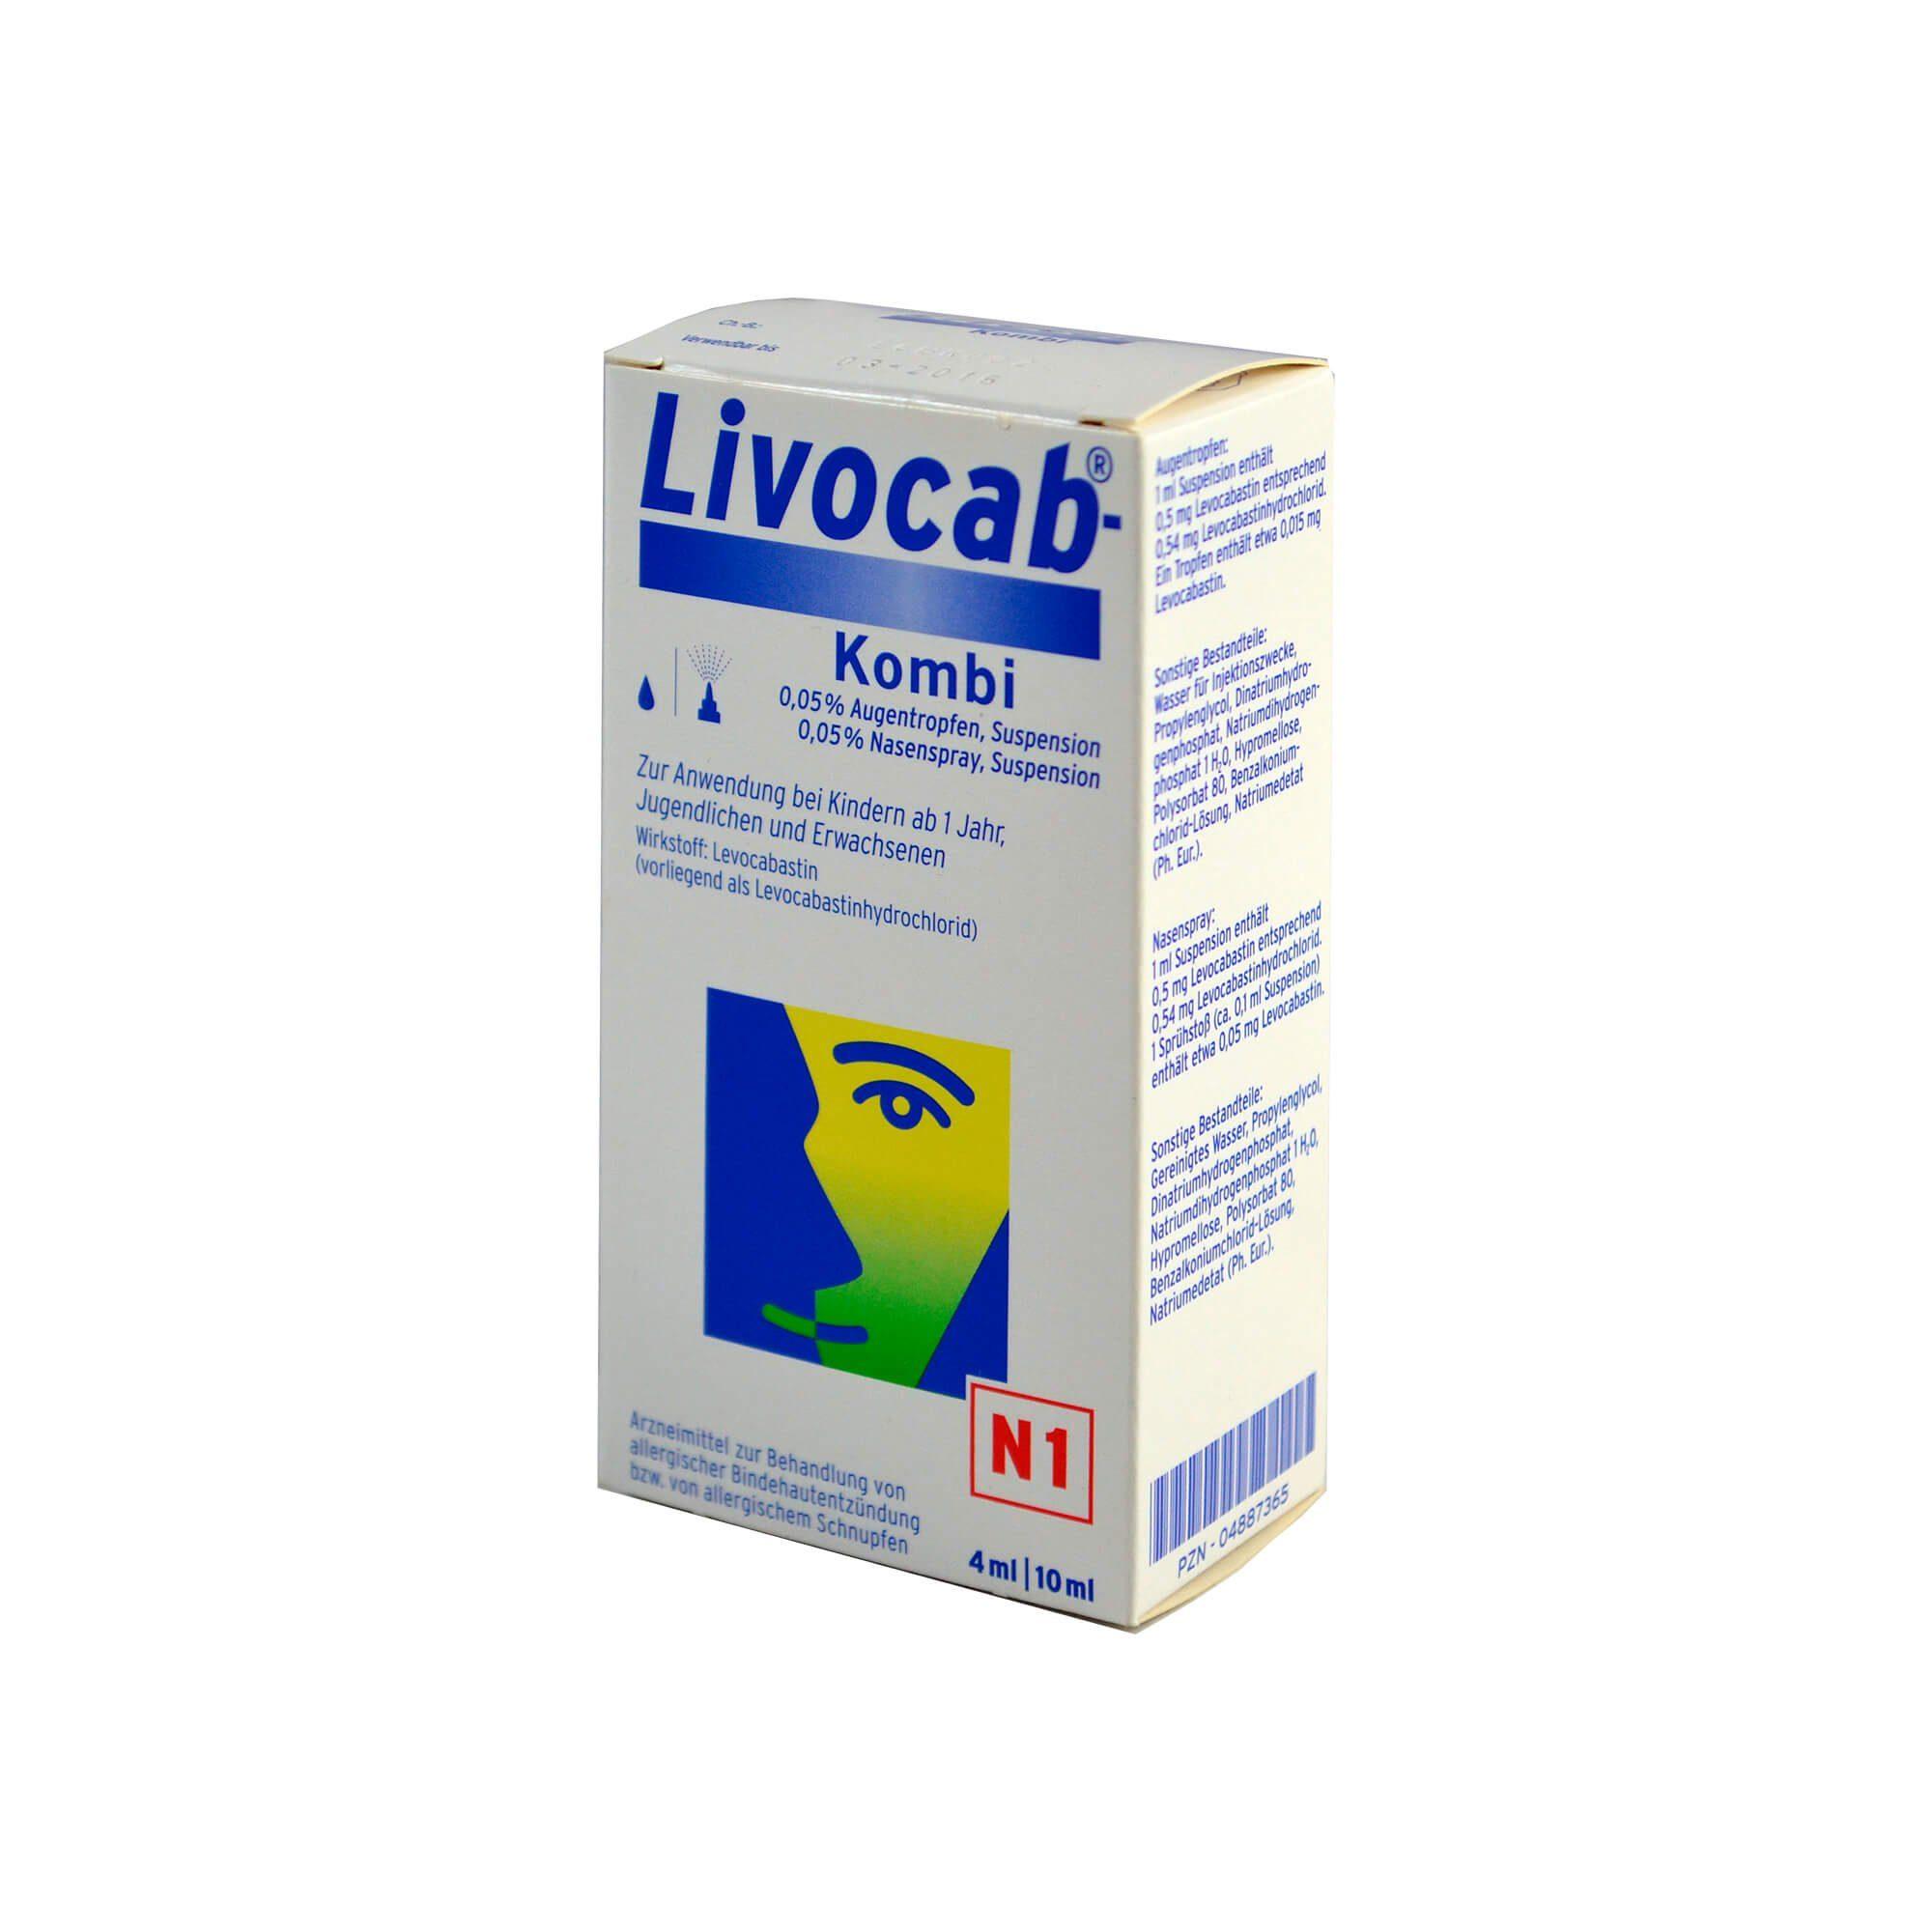 Livocab direkt Kombi 4ml Augentropfen und 10ml Nasenspray , 1 St